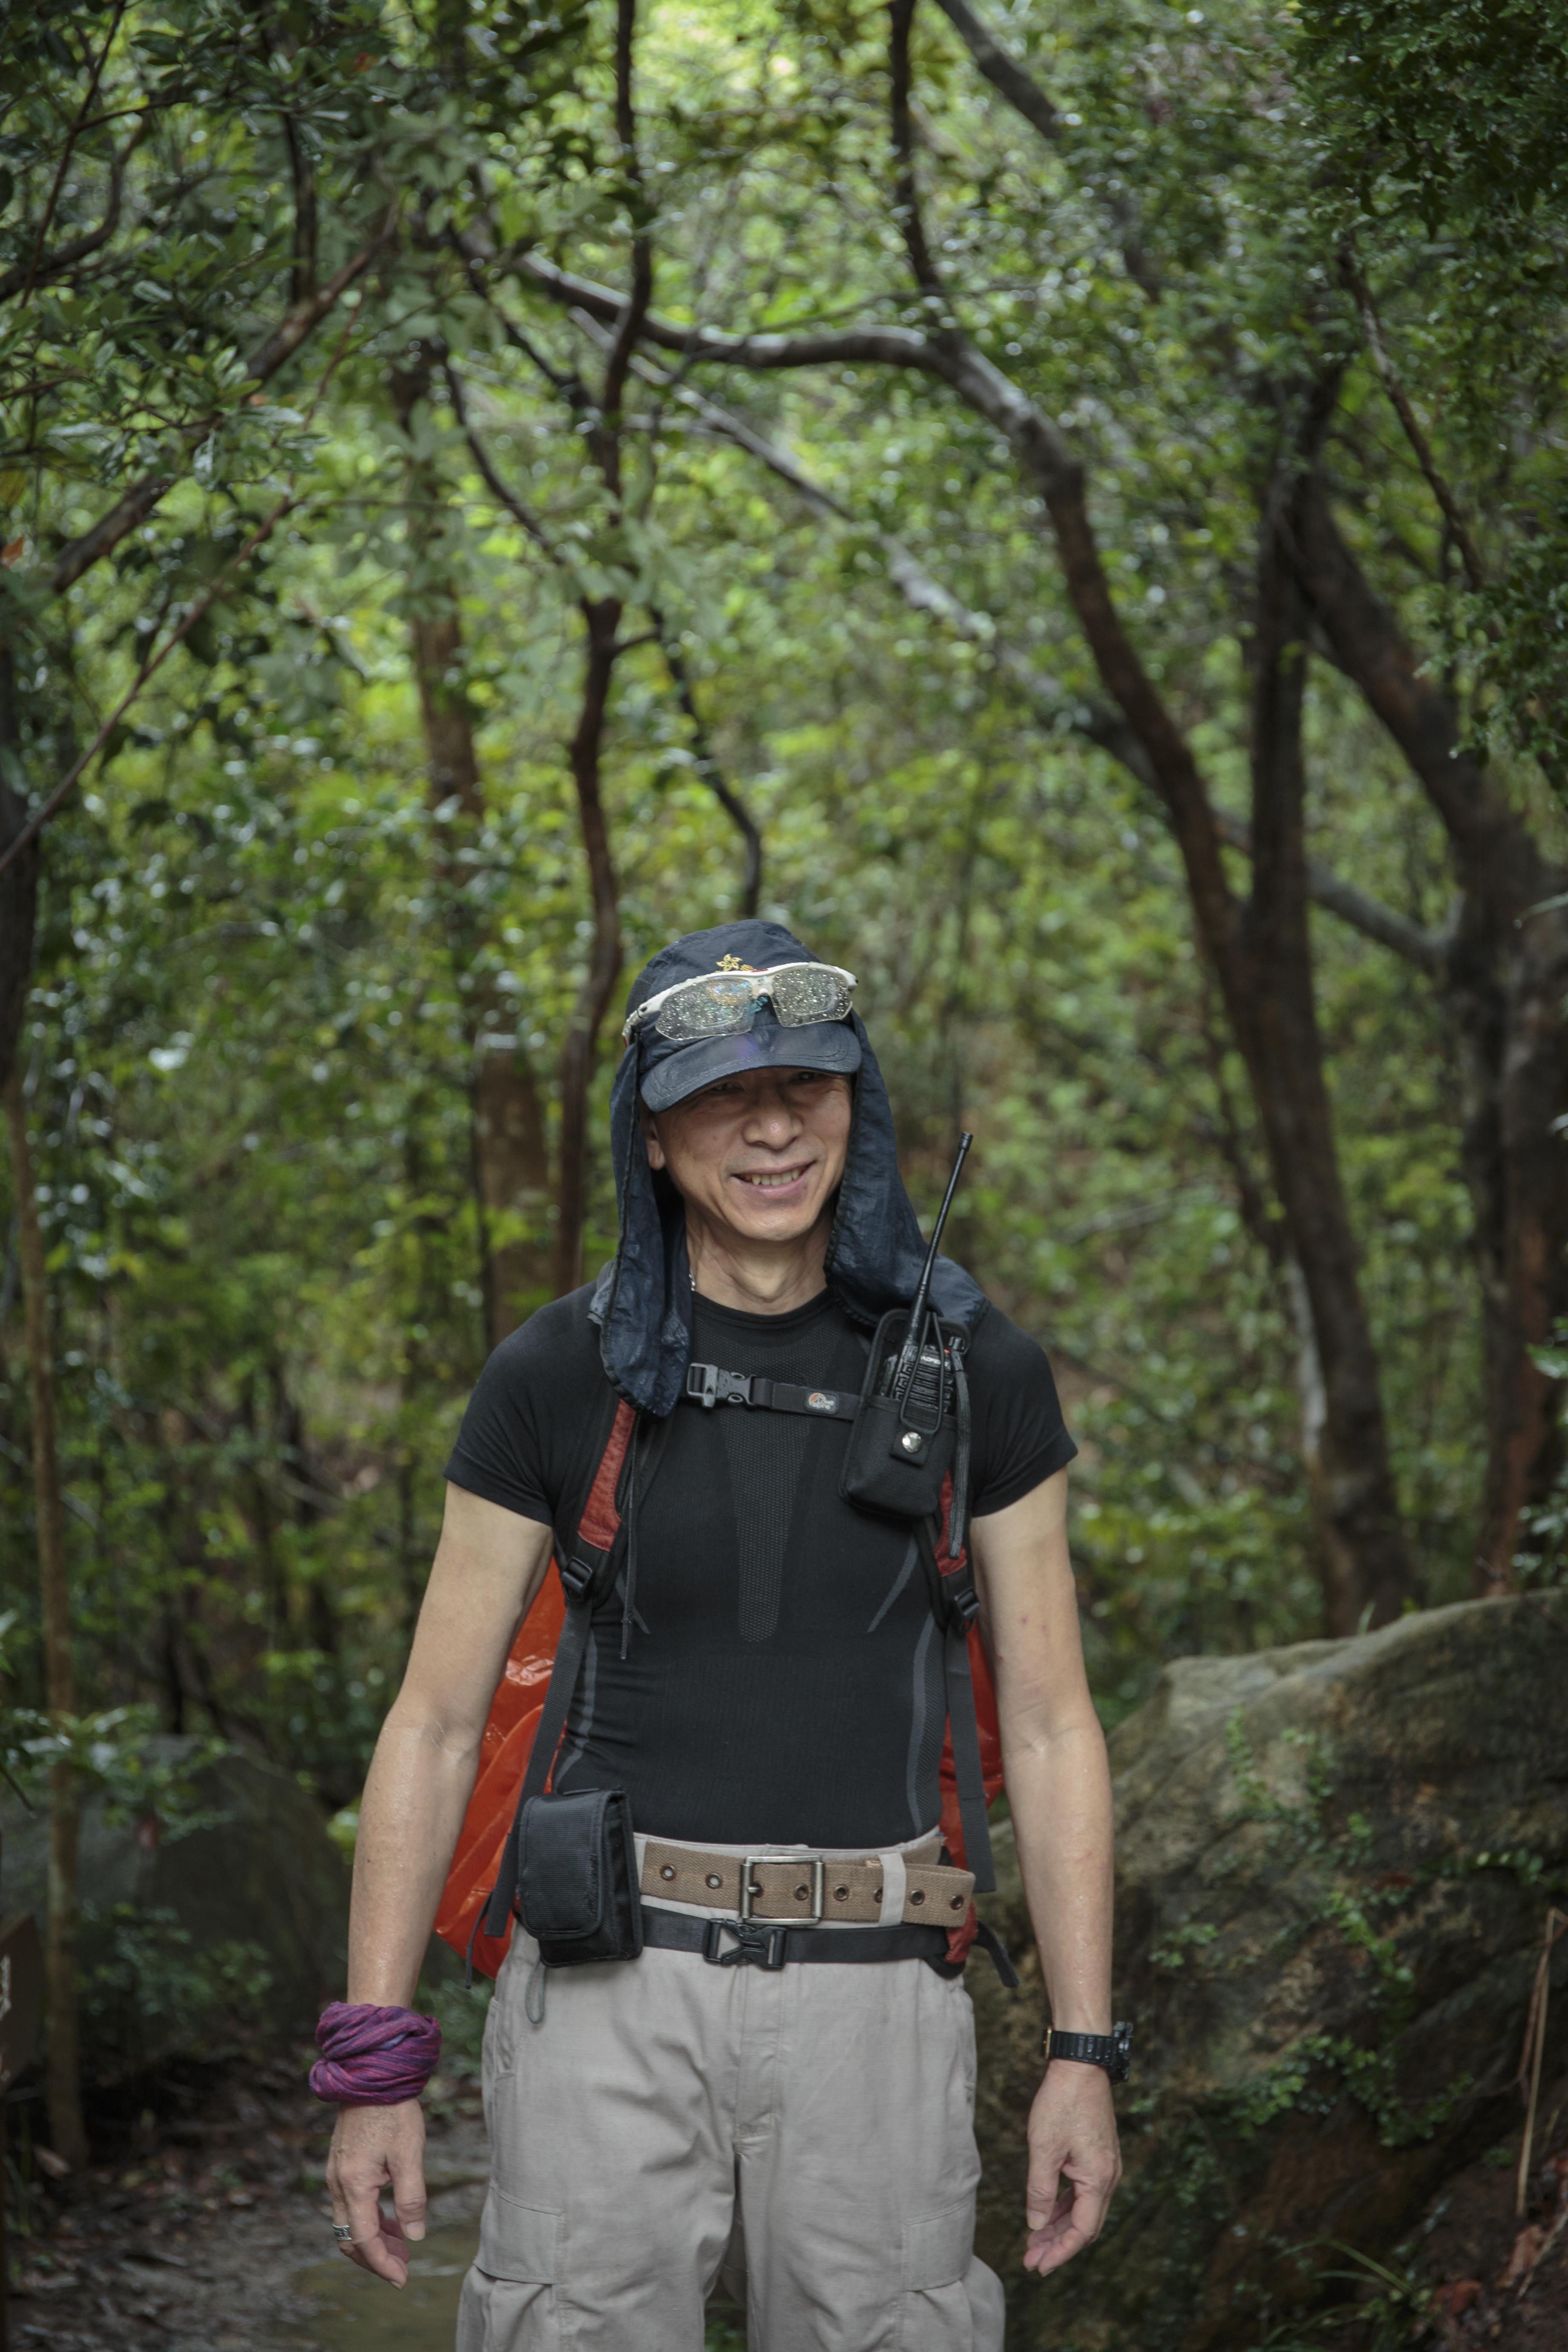 郊野義務搜索隊的凌劍剛,退休前擔任警察鄉村巡邏隊多年,具有豐富山野搜索經驗。